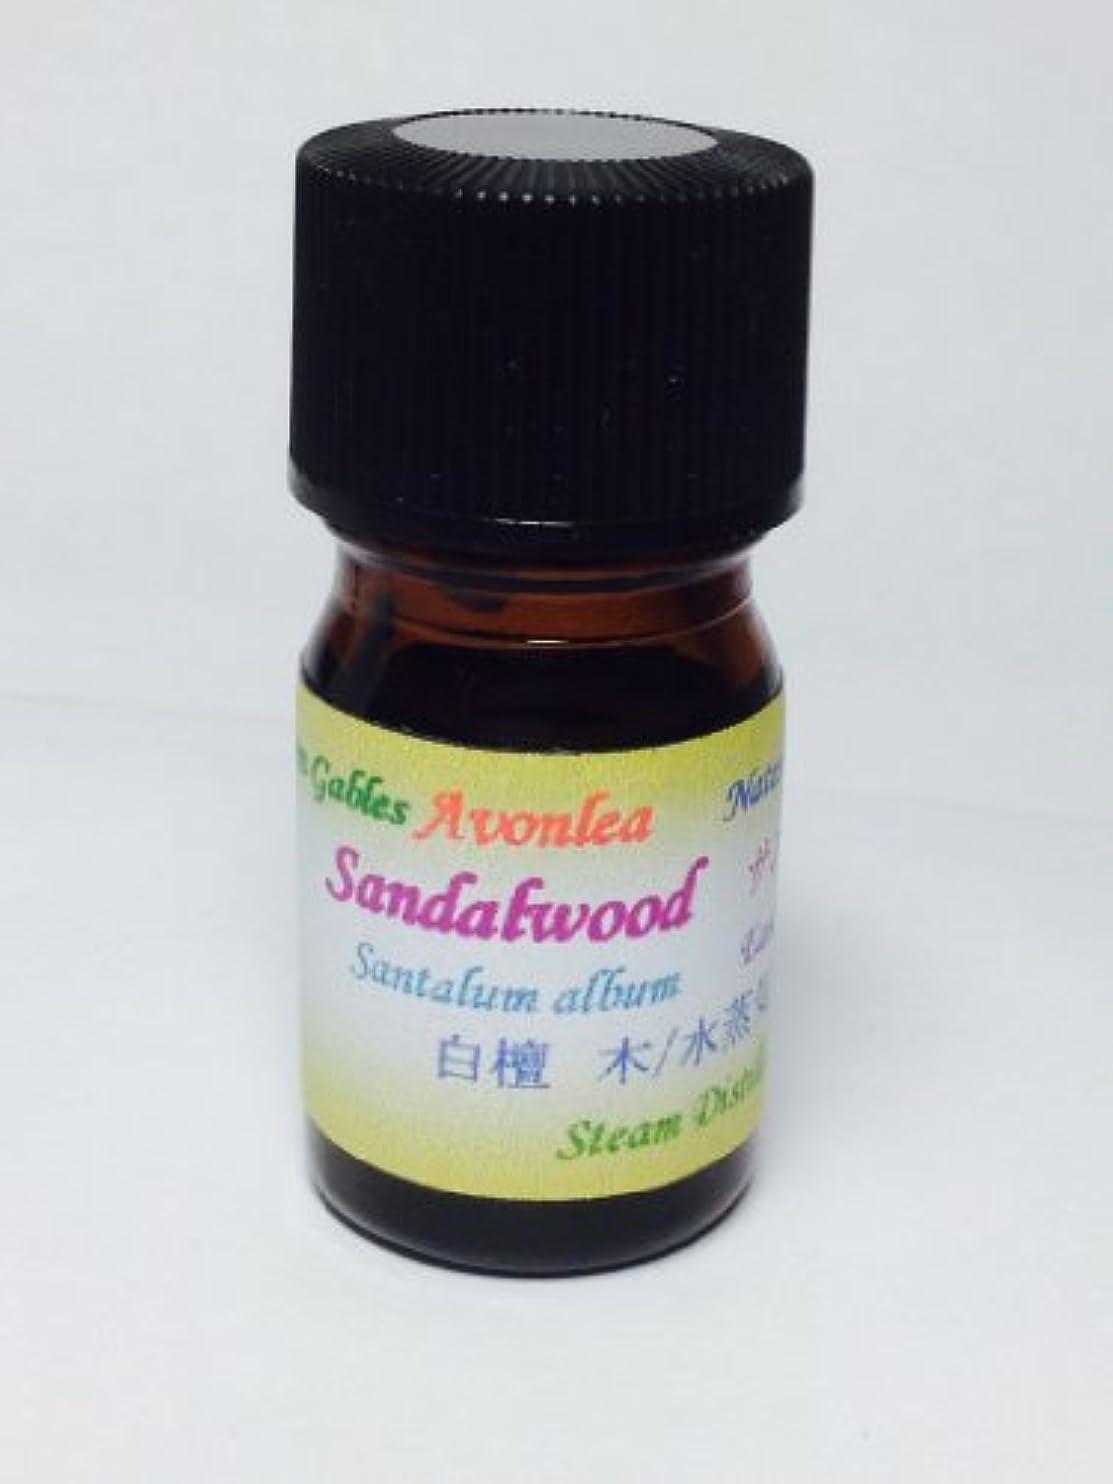 敏感な鮫でサンダルウッド マイソール 10ml 超希少天然精油 100% ピュア エッセンシャル オイル